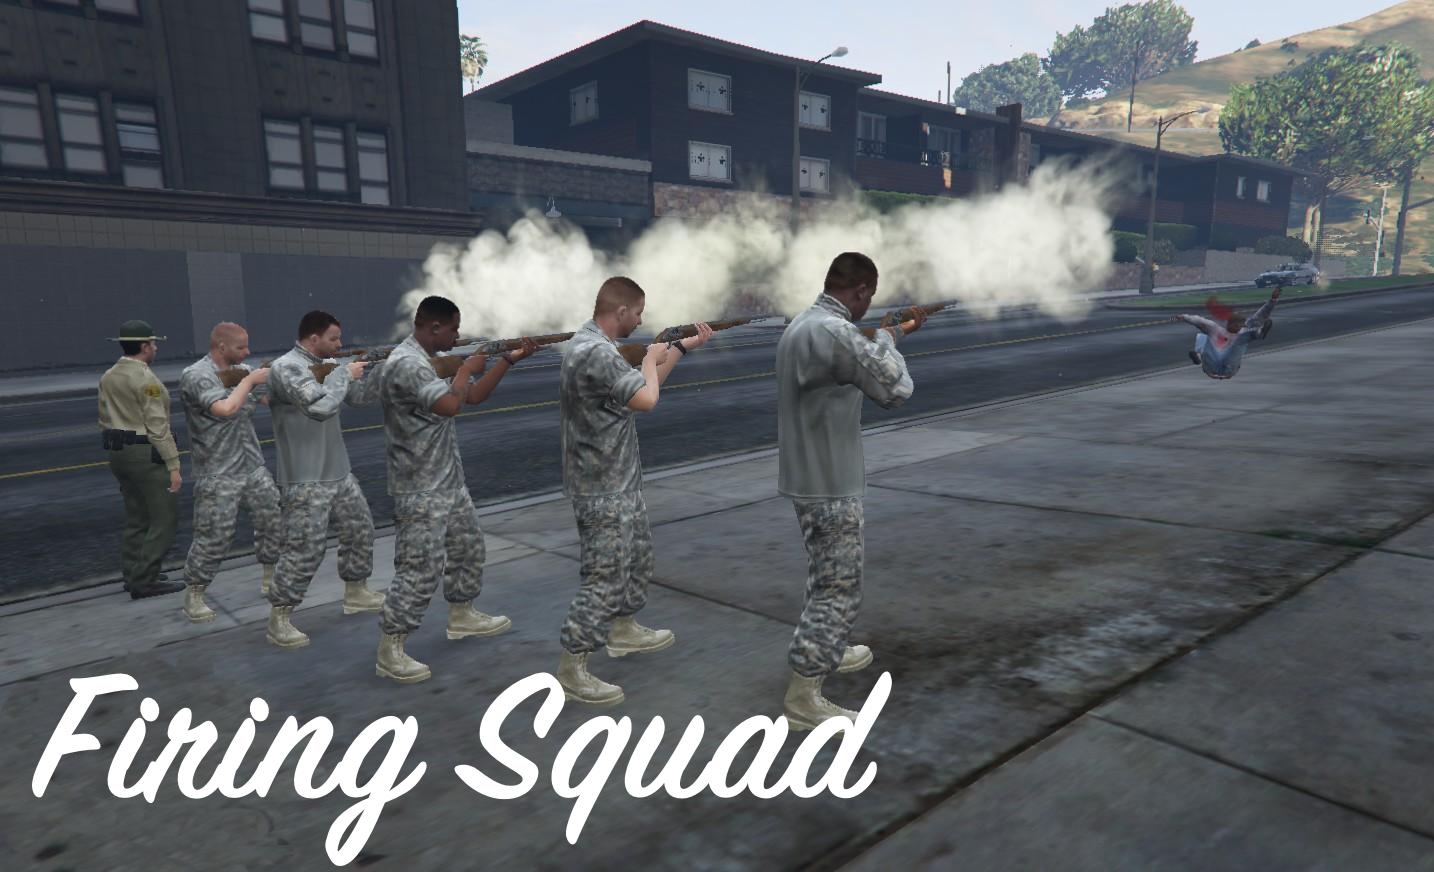 Firing Squad - GTA5-Mods com